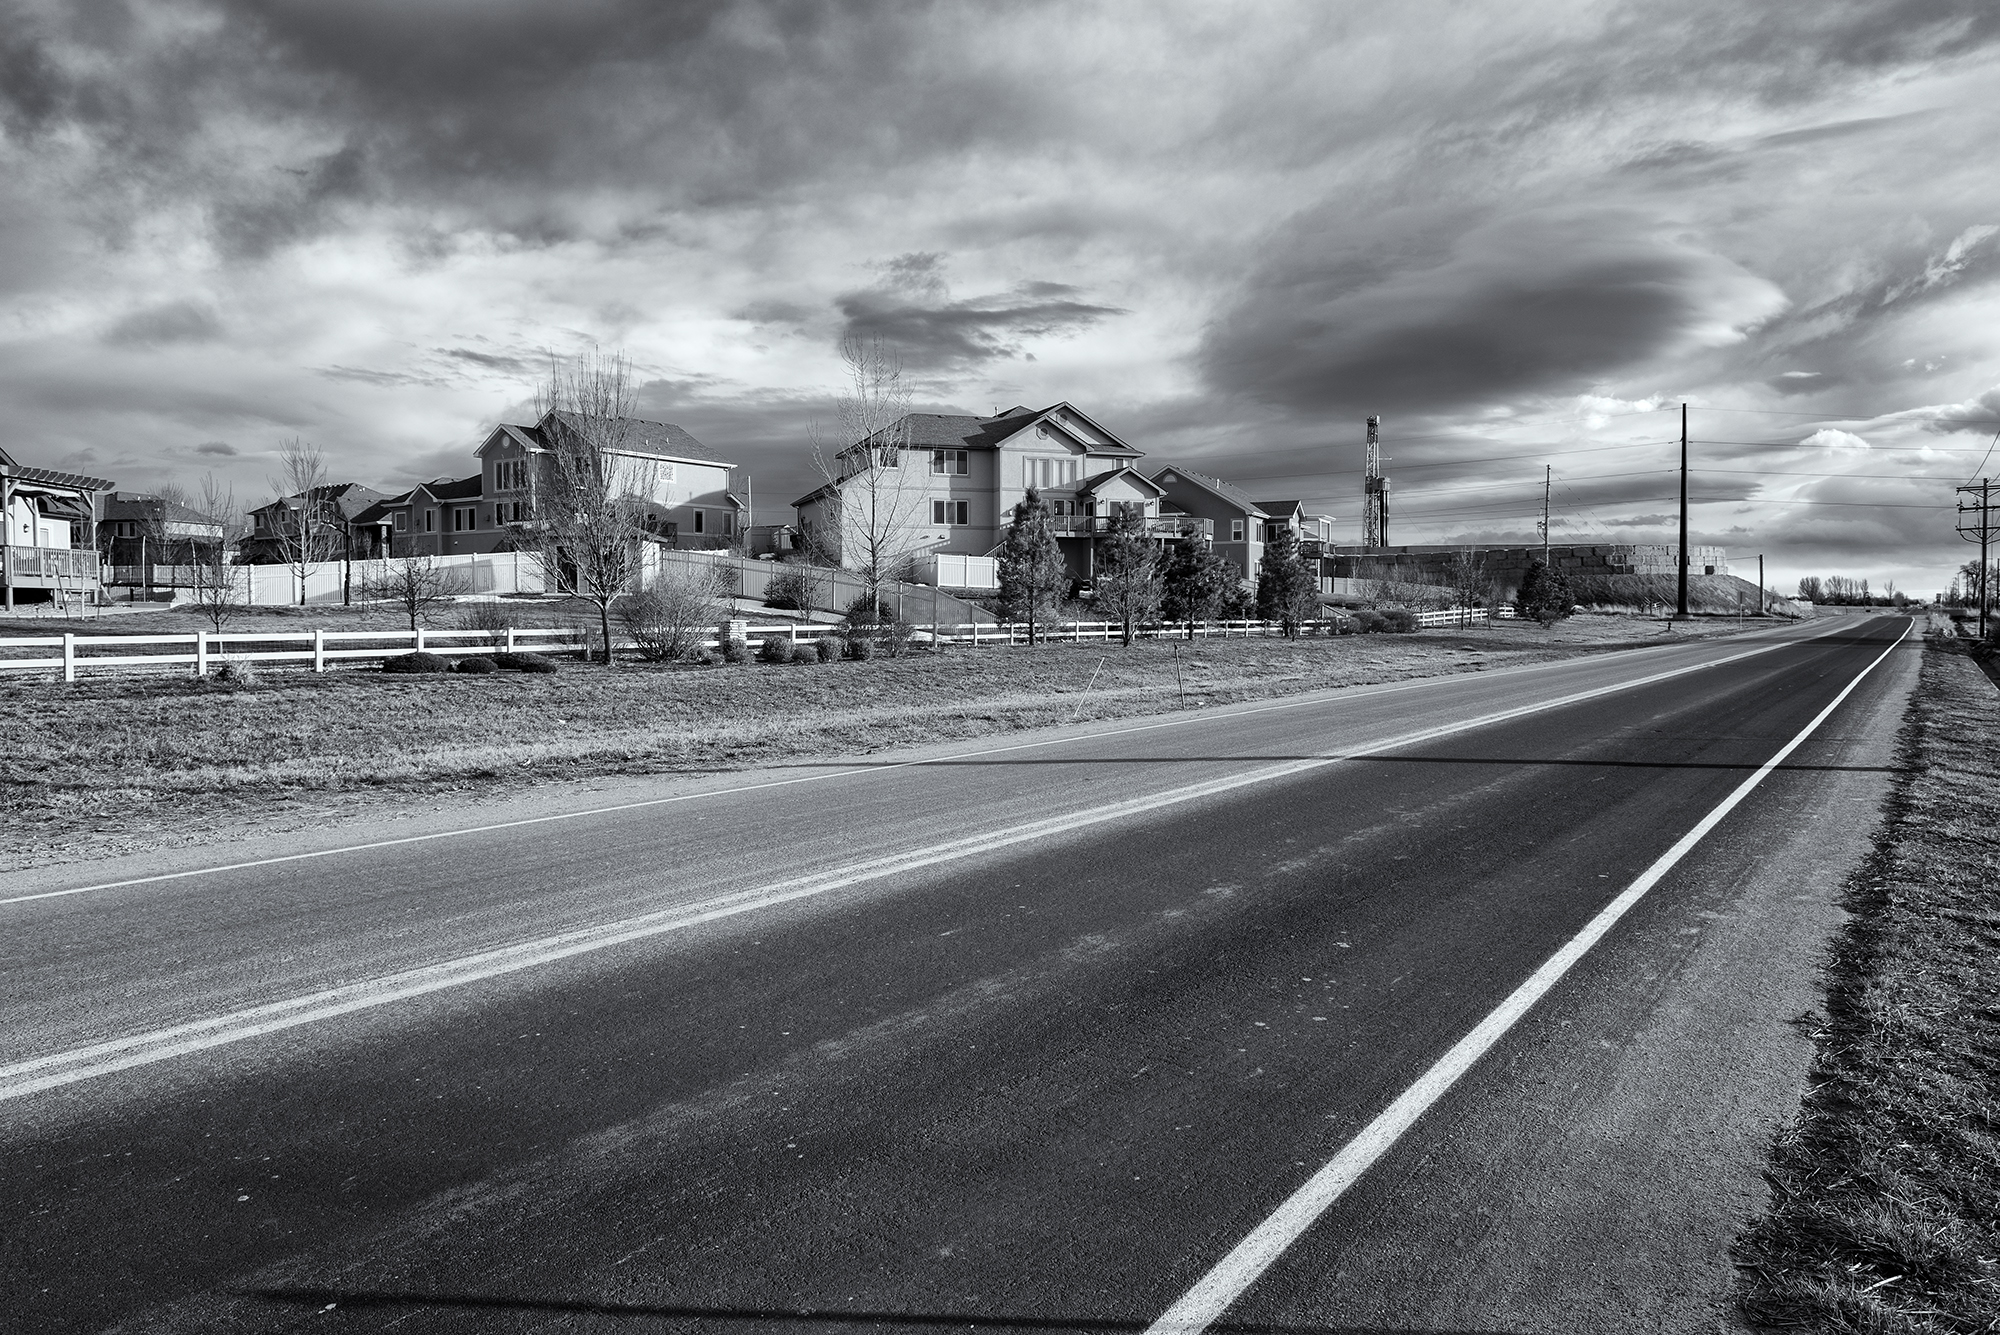 Silver Birch Frack Site, #3. Frederick, Colorado, 2016